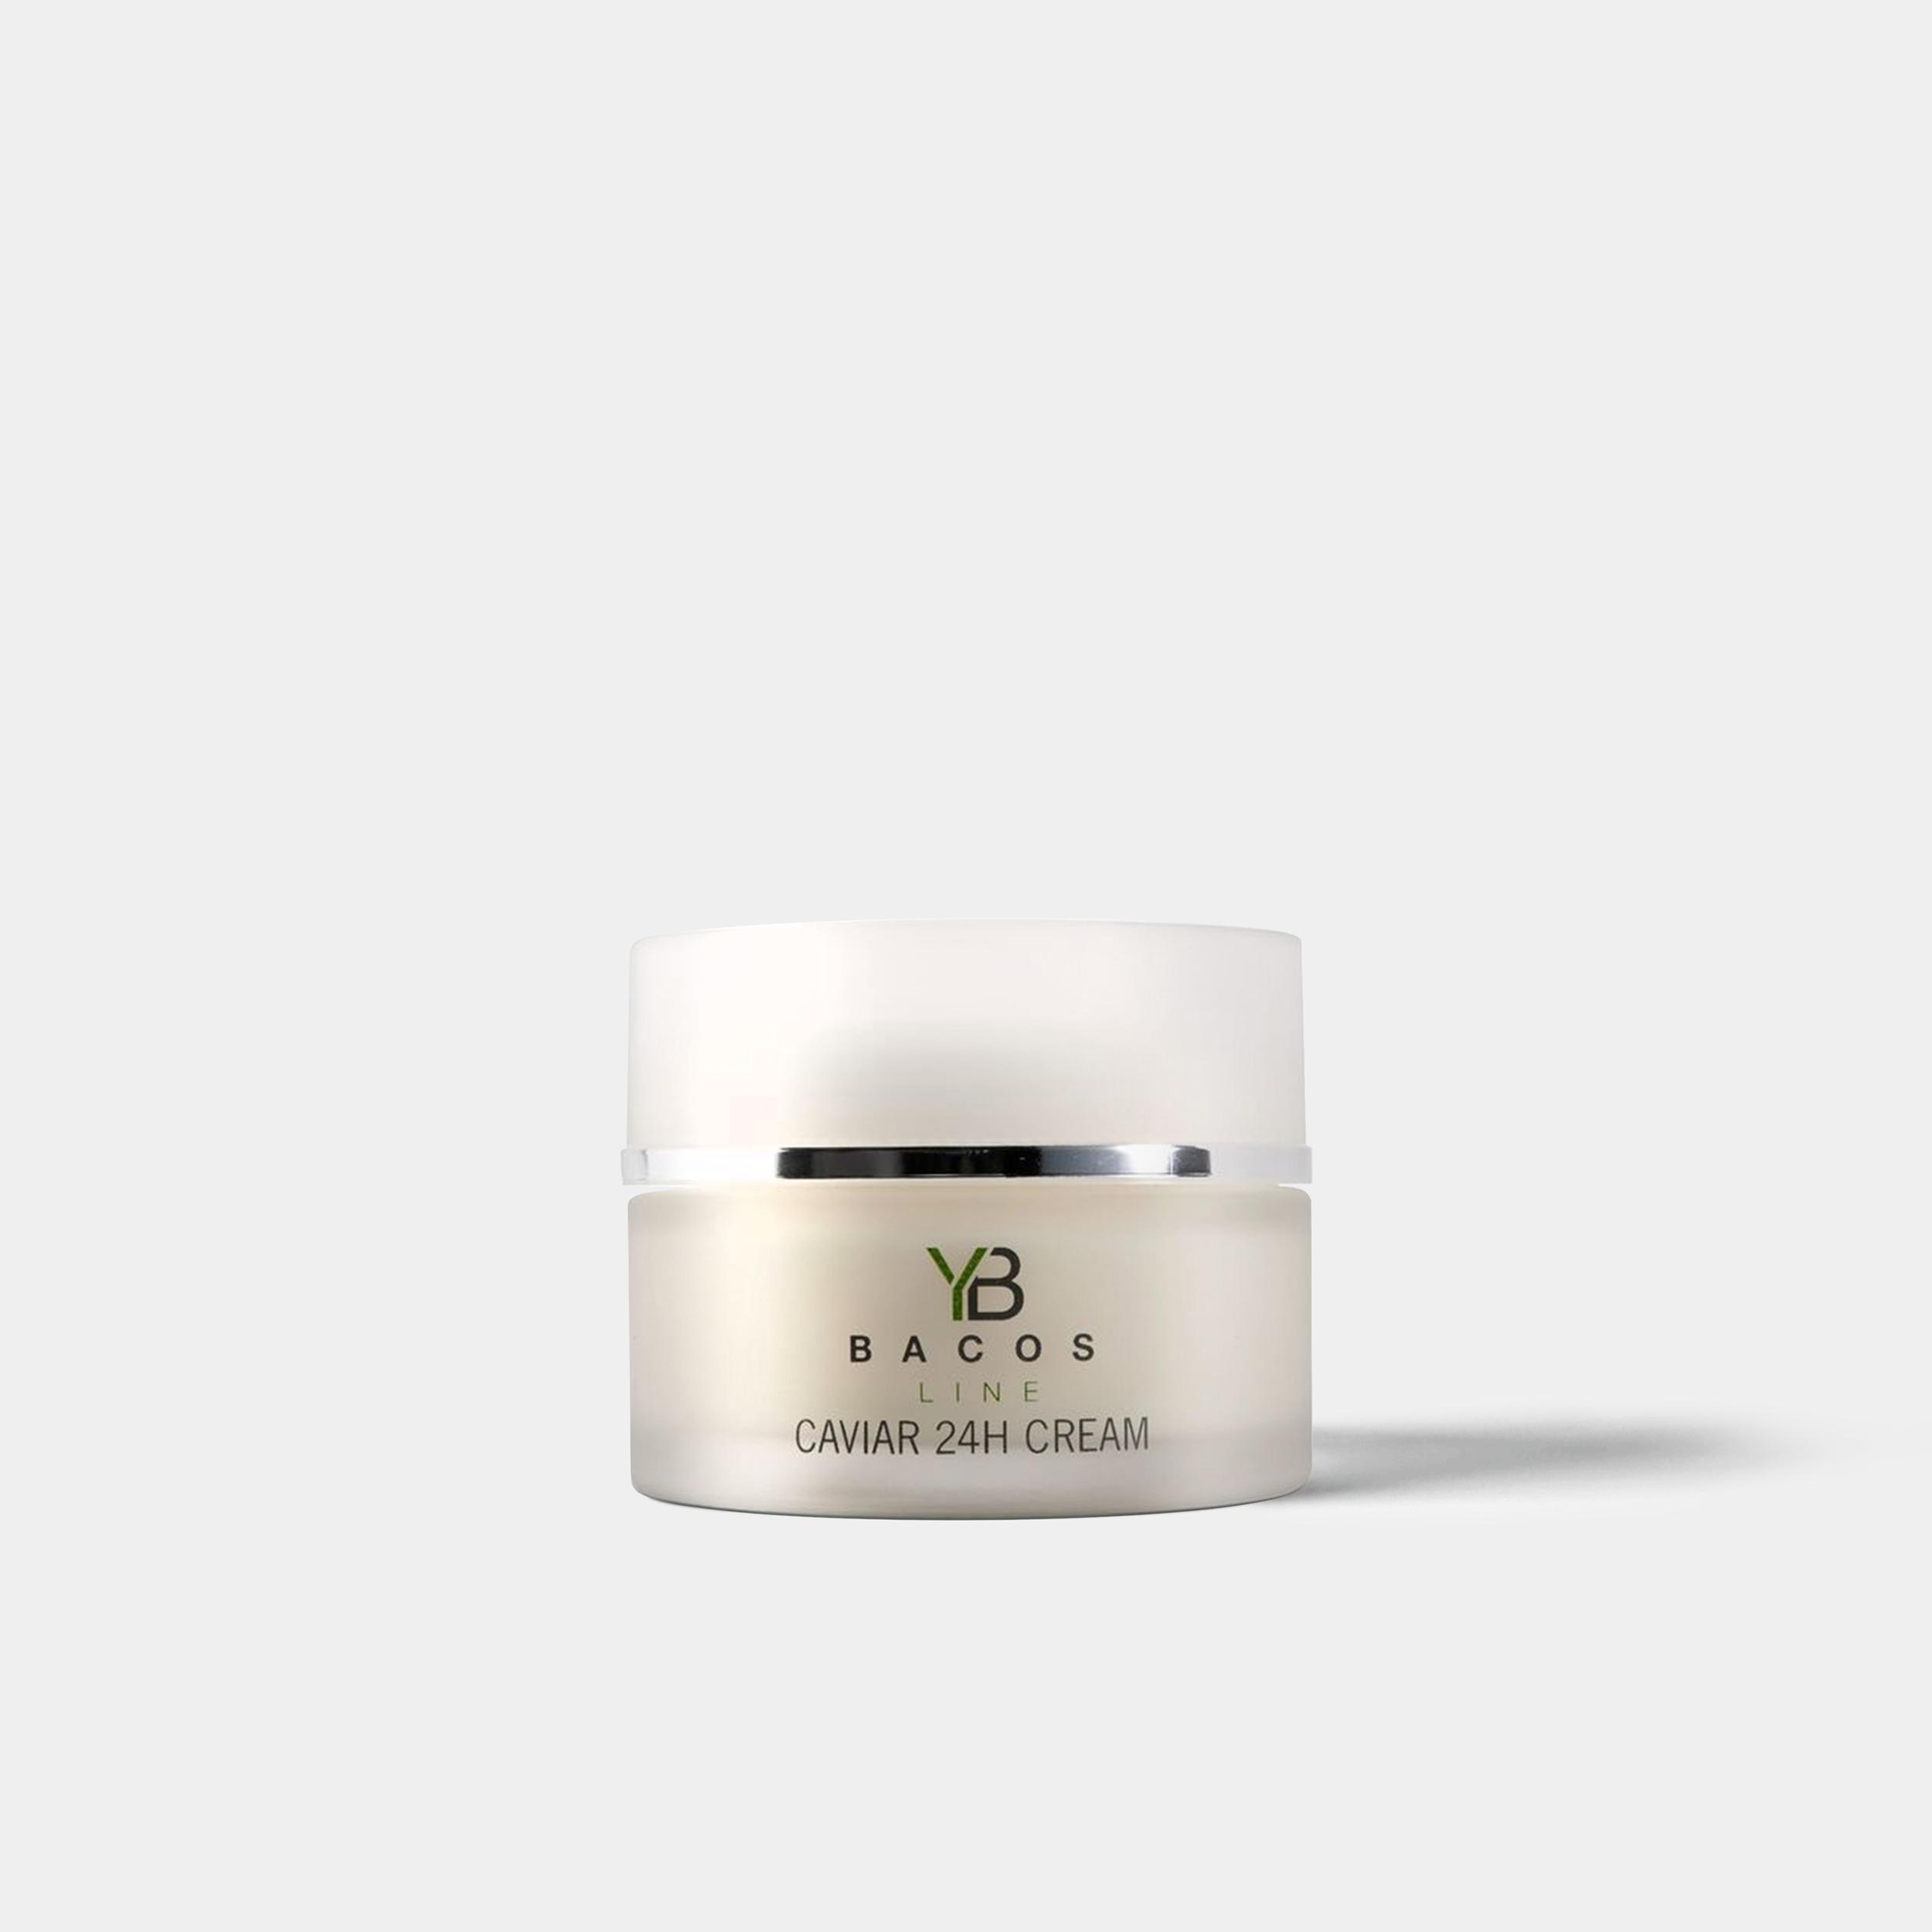 YB BACOS LINE CAVIAR 24 H CREAM - 50 ml